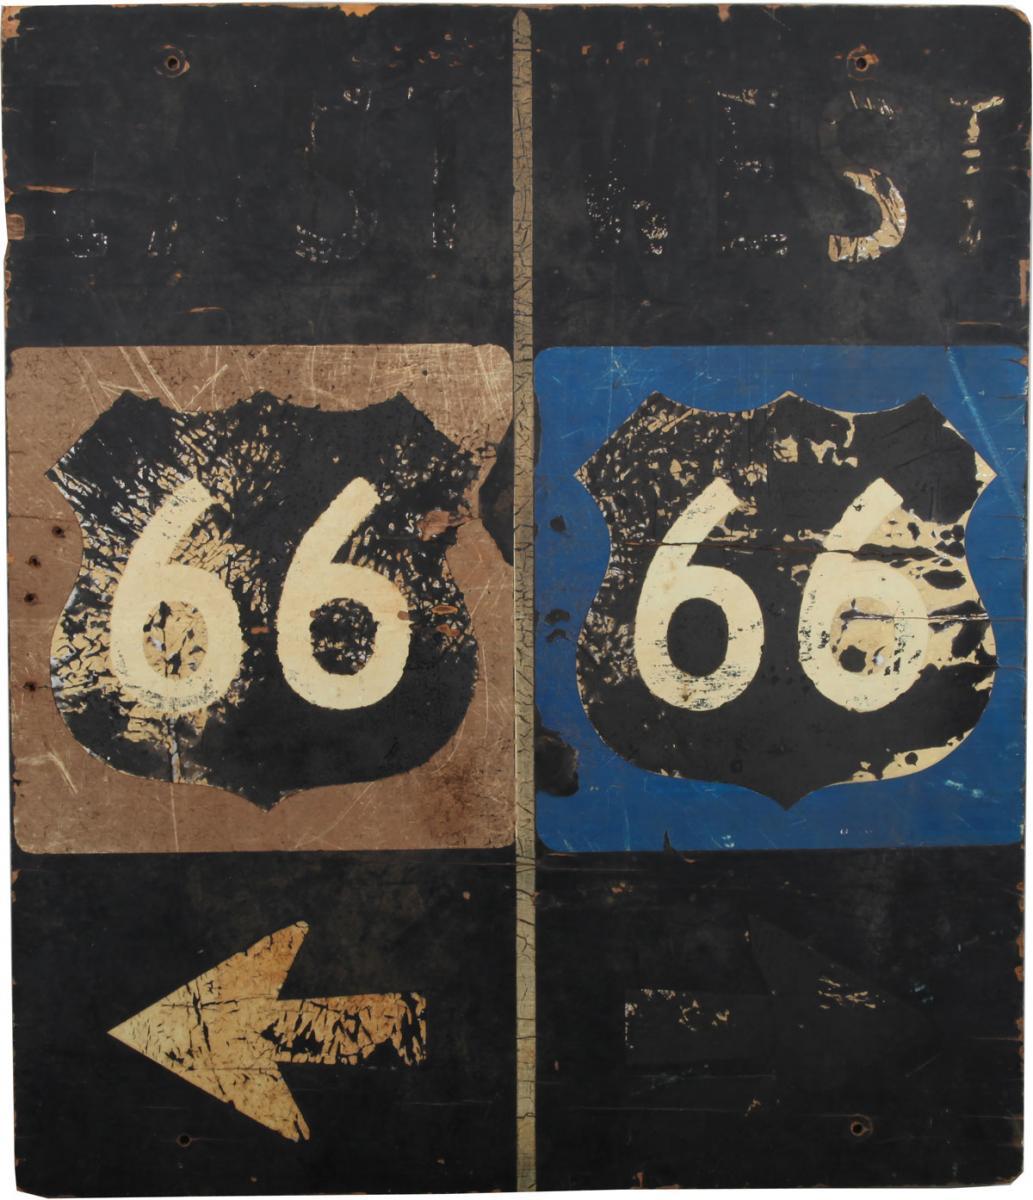 """Placas originais dos anos 1970 -  """"East 66 / West 66,"""" Williams, Arizona, circa 1970s. Coleção Steve Rider"""